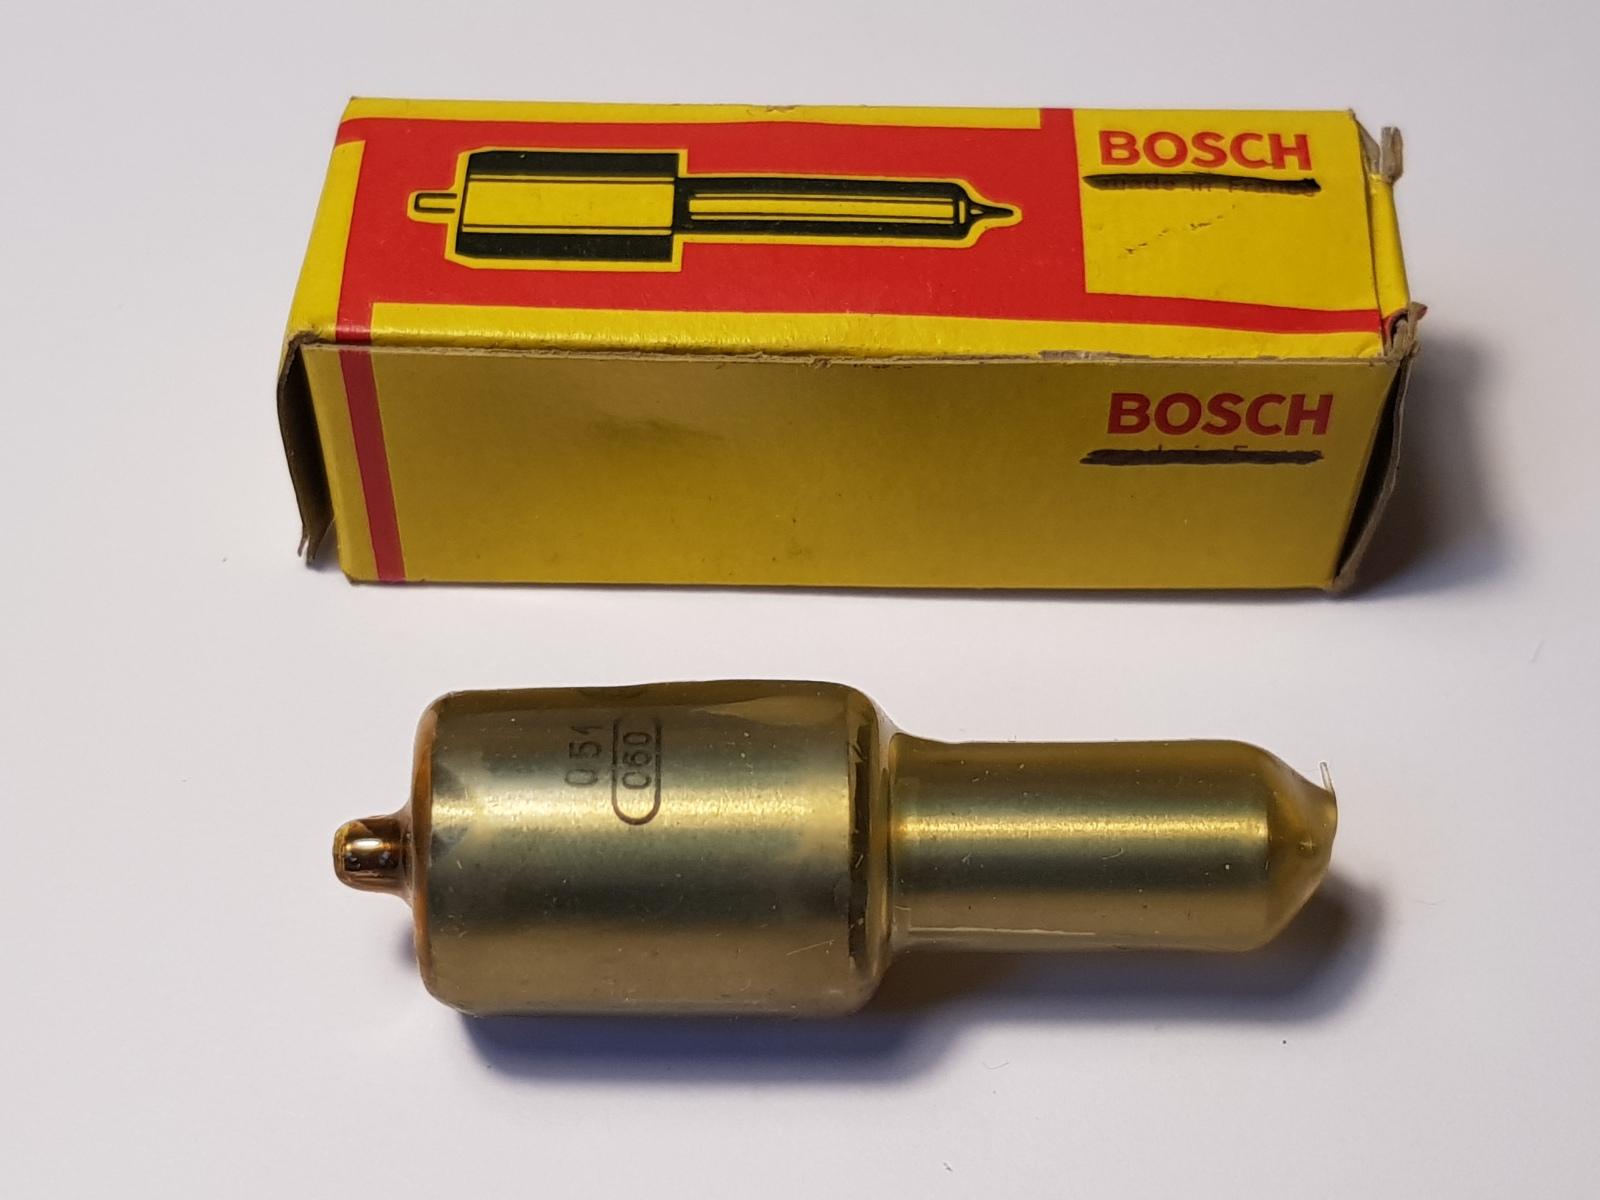 Bosch  Einspritzdüse 0433270059 DLL140S213 Klasse 1 Sacklochdüse Diesel